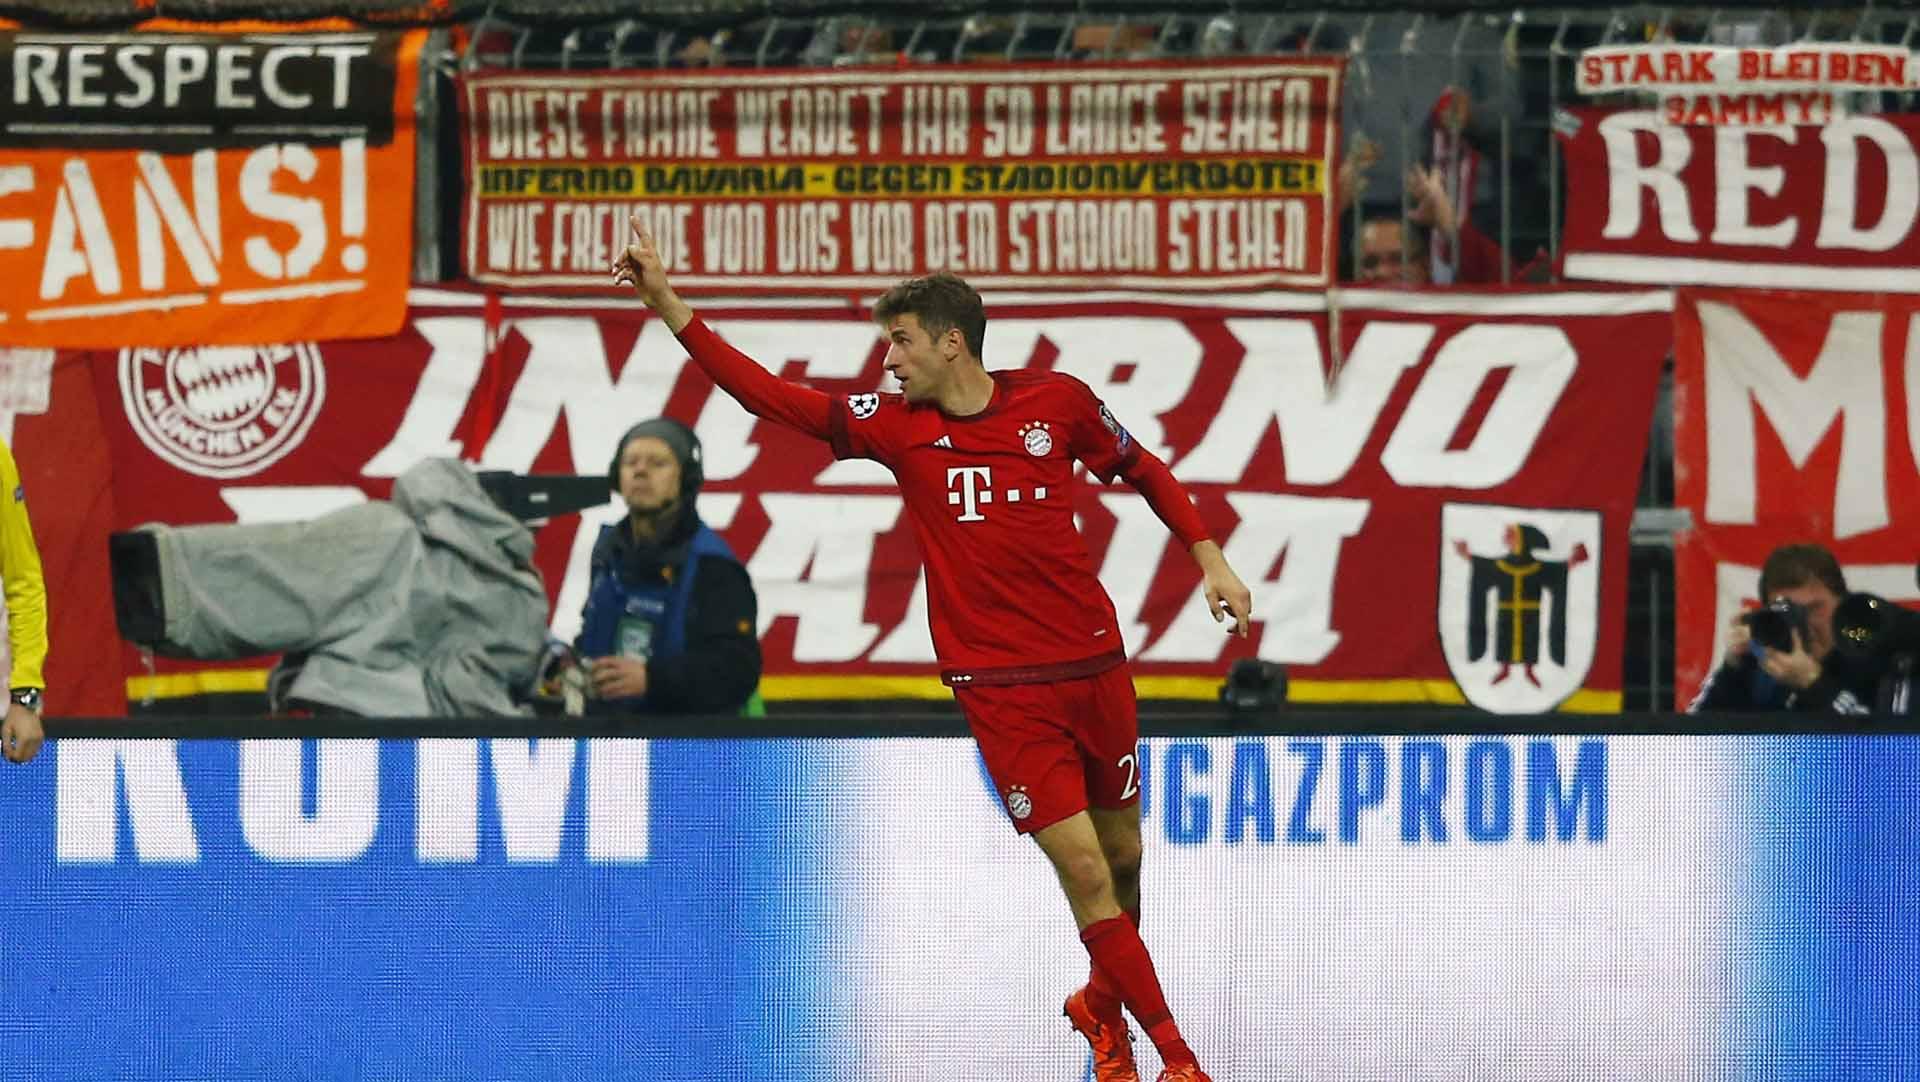 Gracias al nuevo contrato, el jugador podría convertirse en el mejor pagado del club alemán